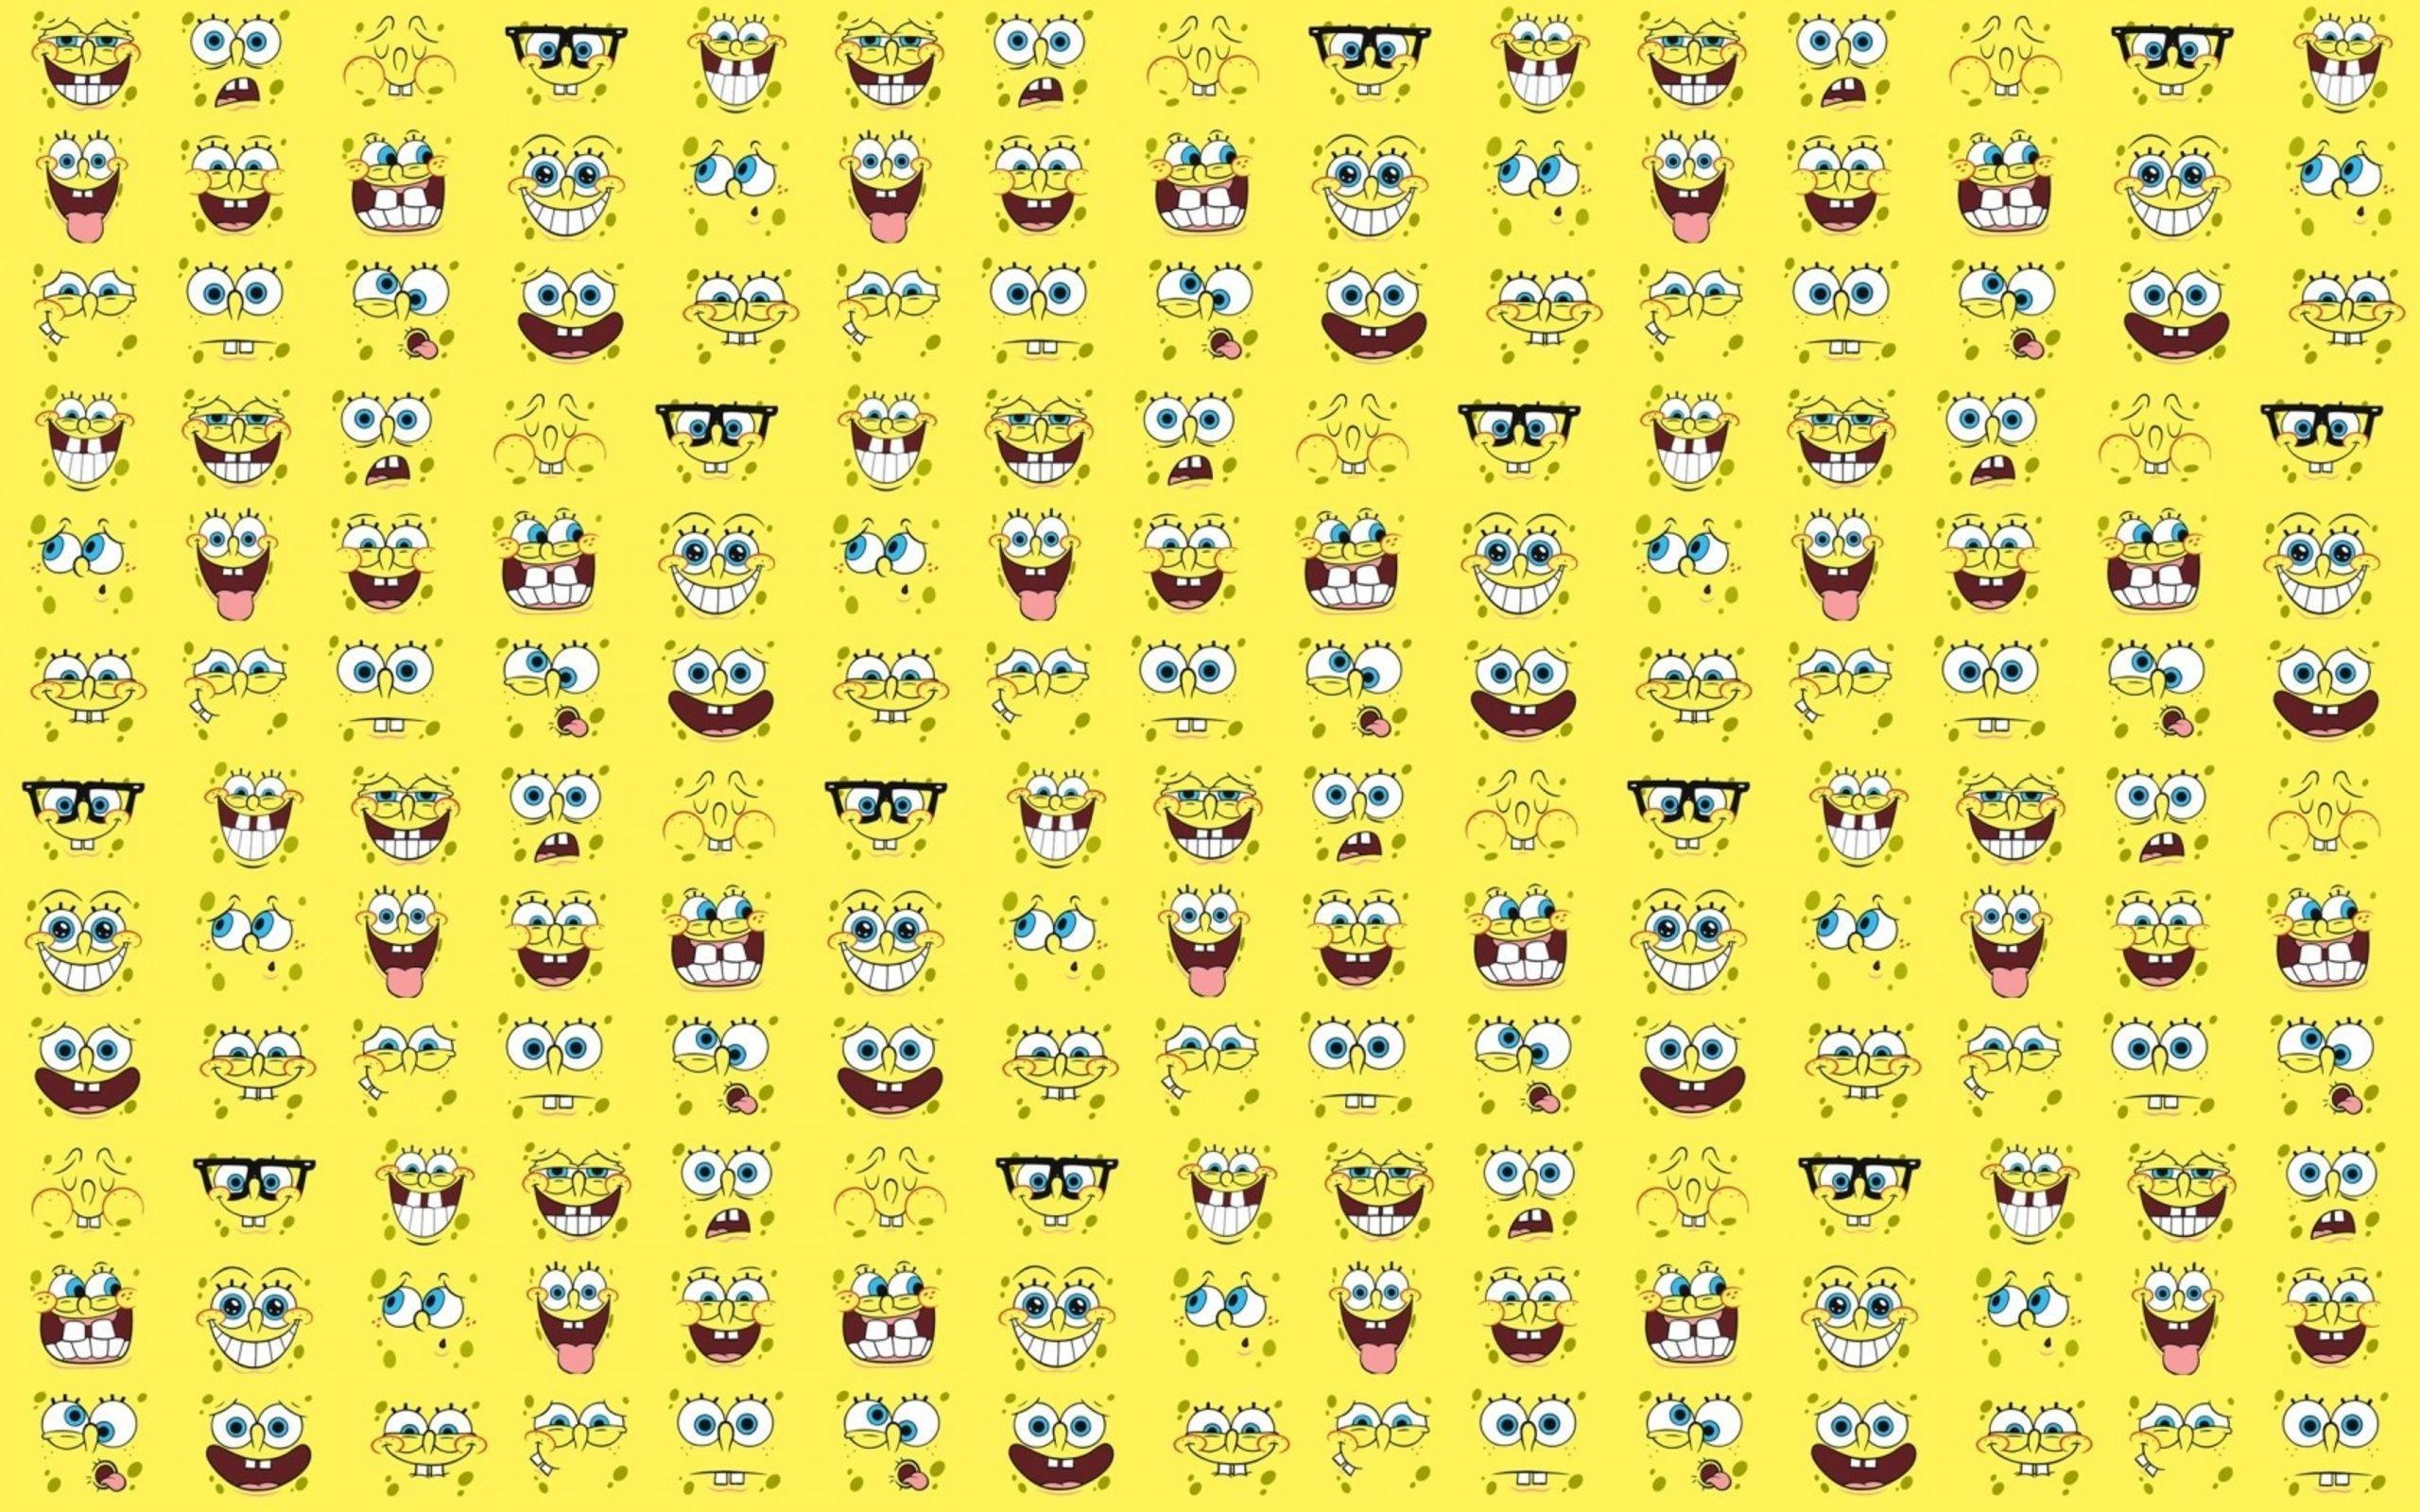 Hình nền HD 2560x1600 Spongebob Squarepants